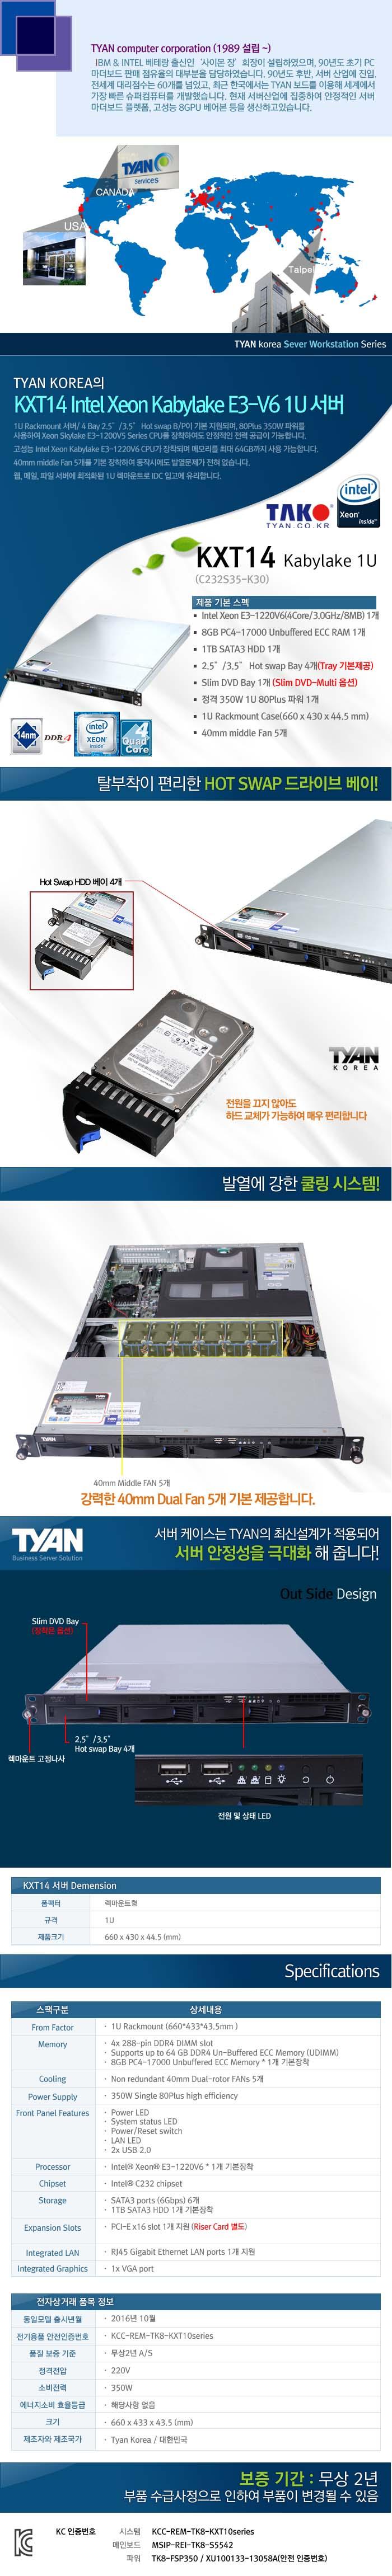 KXT14(C232S35-K30)-1T.jpg